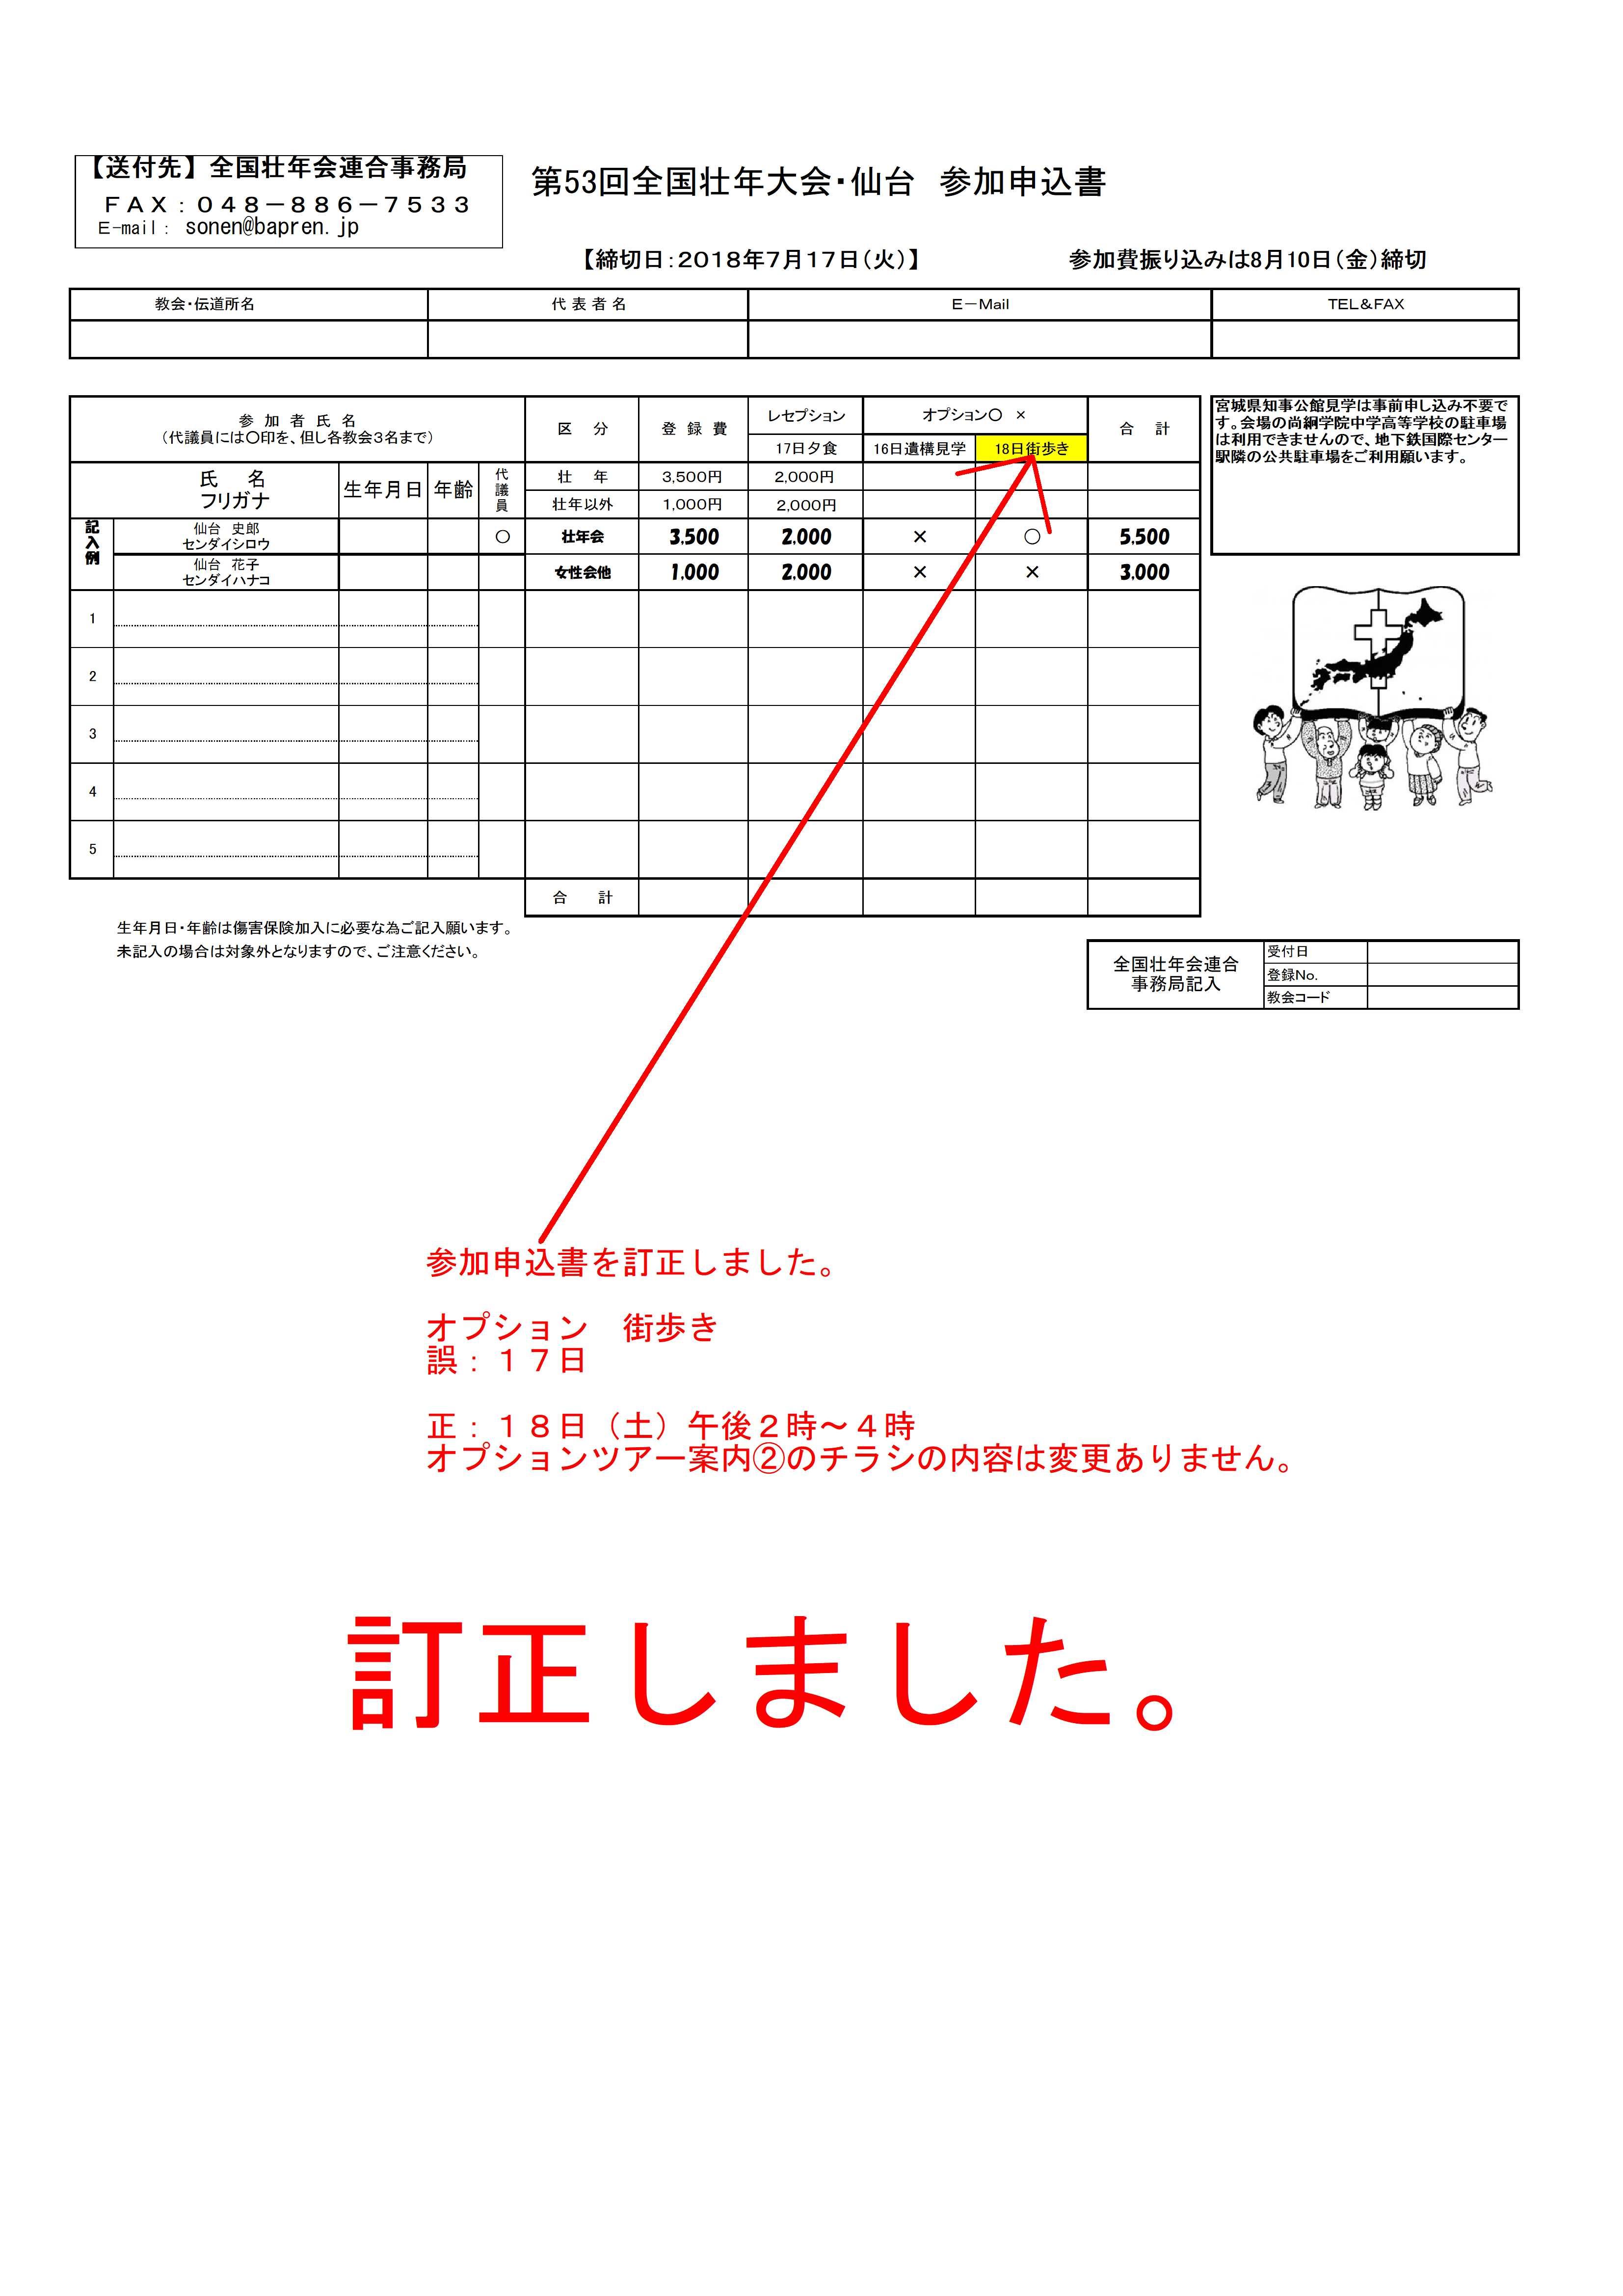 (訂正版)2.第53回大会申込書R1